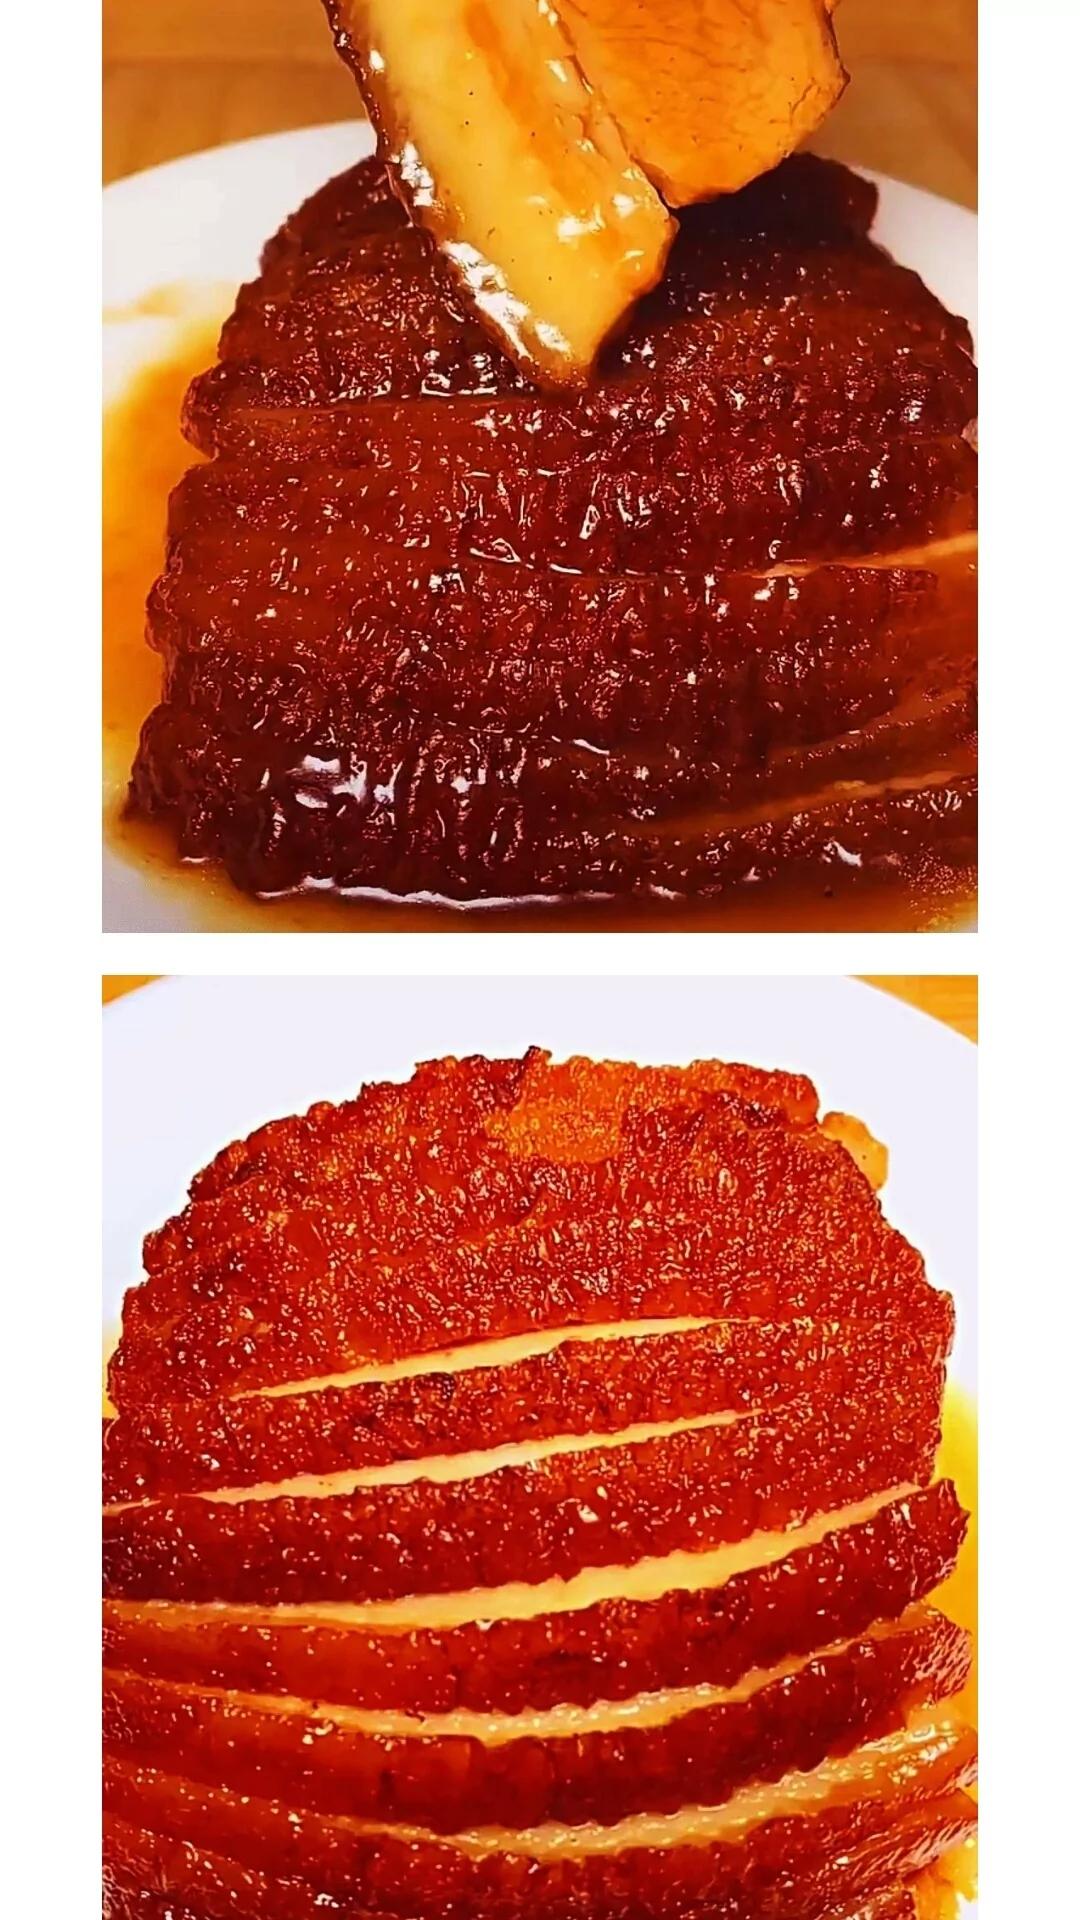 家常扣肉做法及配料 美食做法 第9张